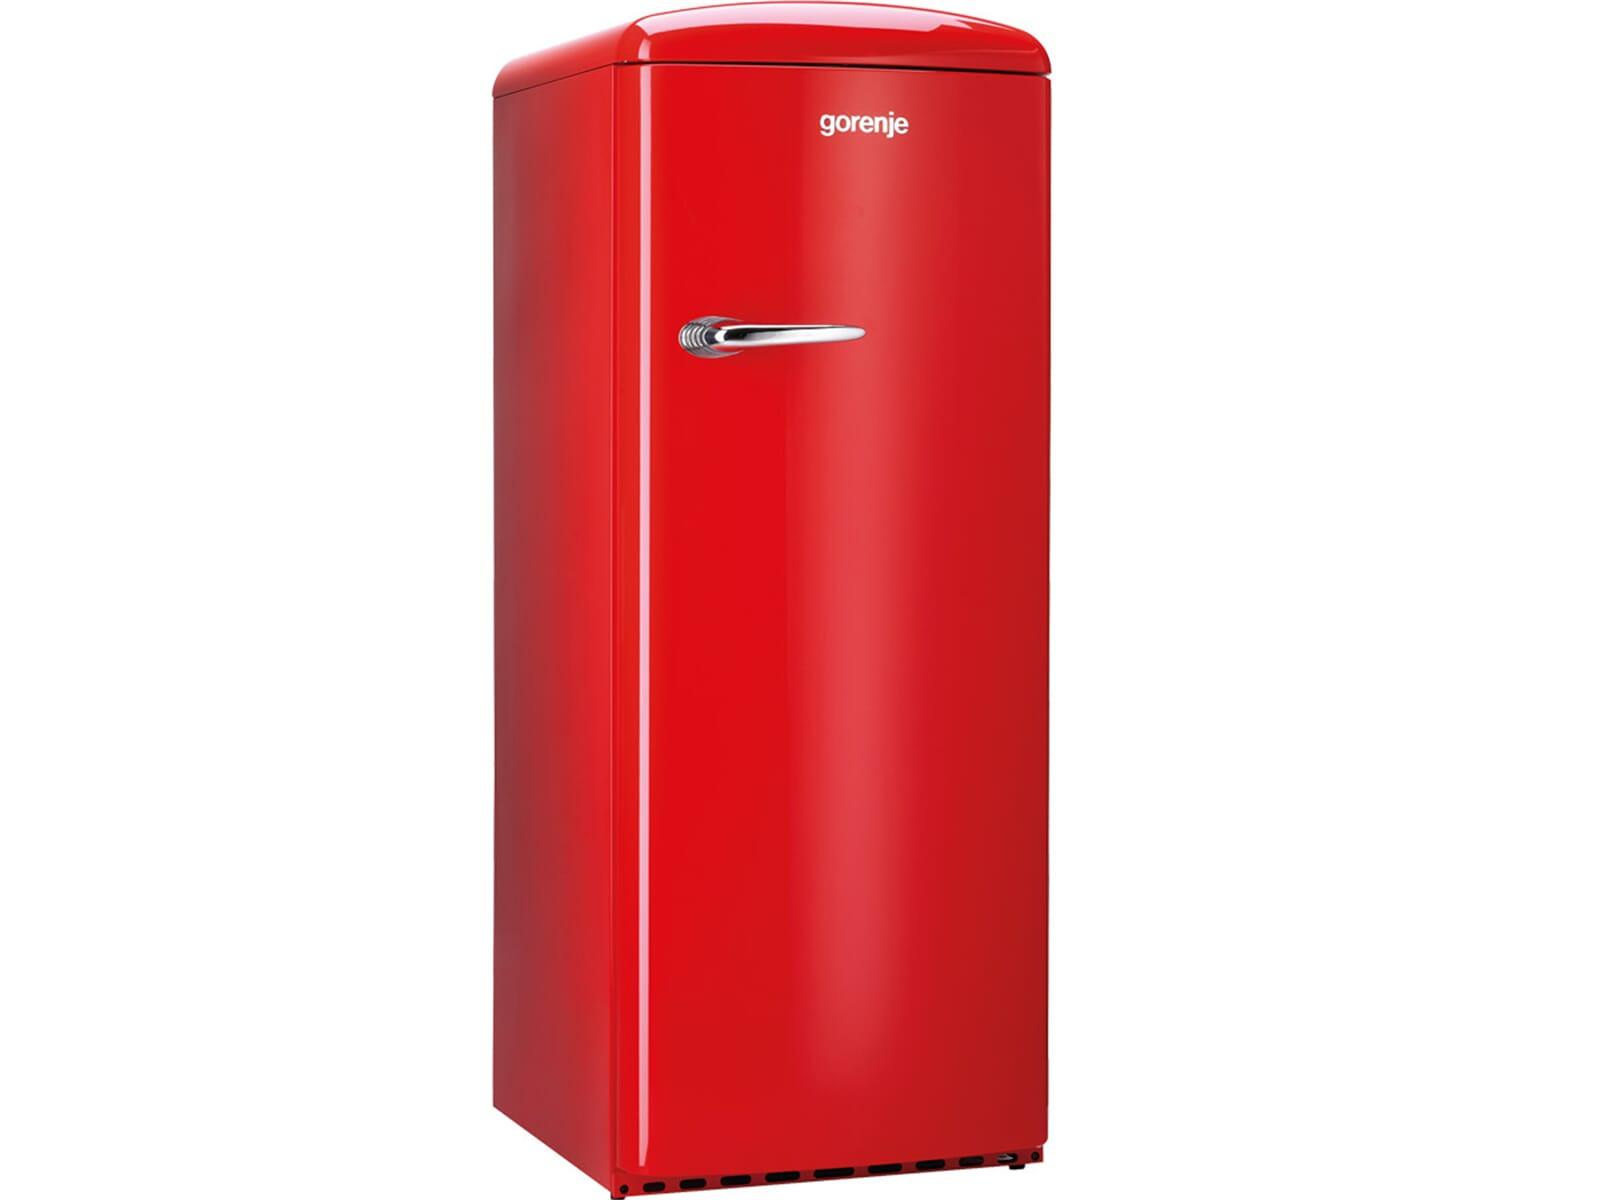 Retro Kühlschrank Gorenje : Retro kühlschrank mit gefrierfach blau elektro großgeräte von